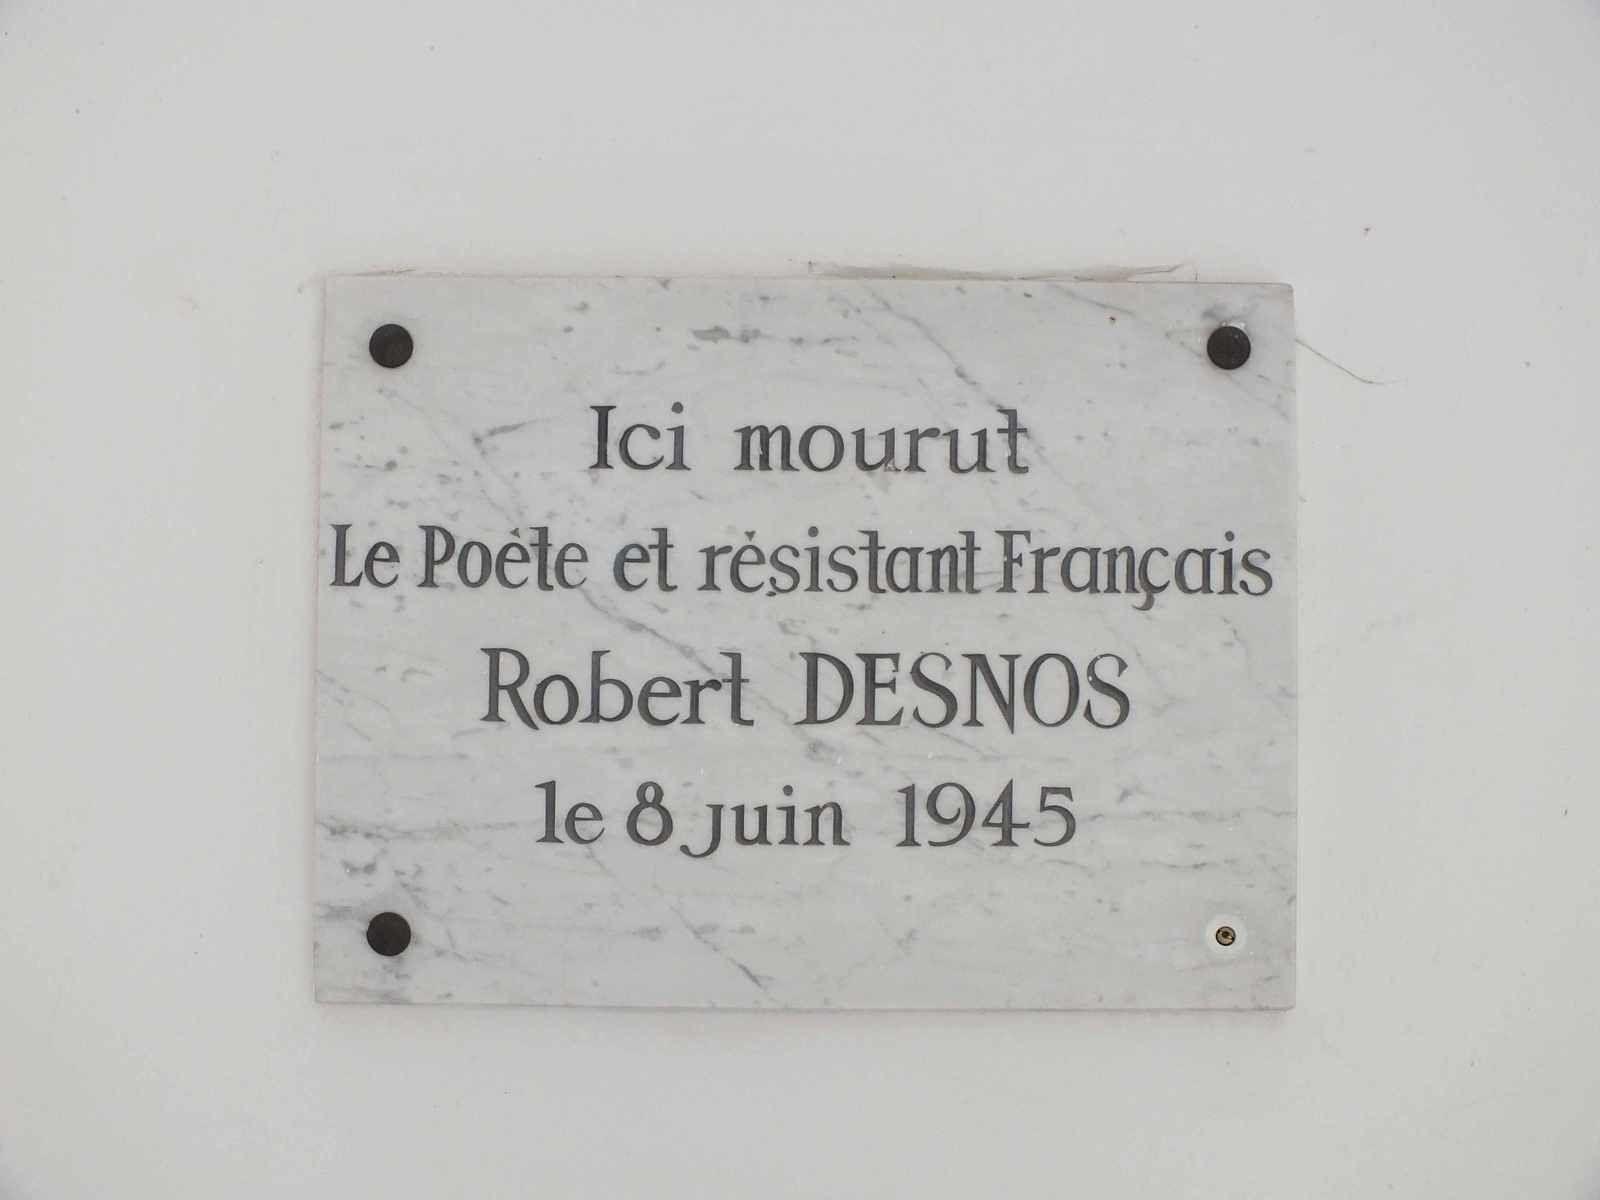 Robert Desnos serapportantà Poème De Robert Desnos